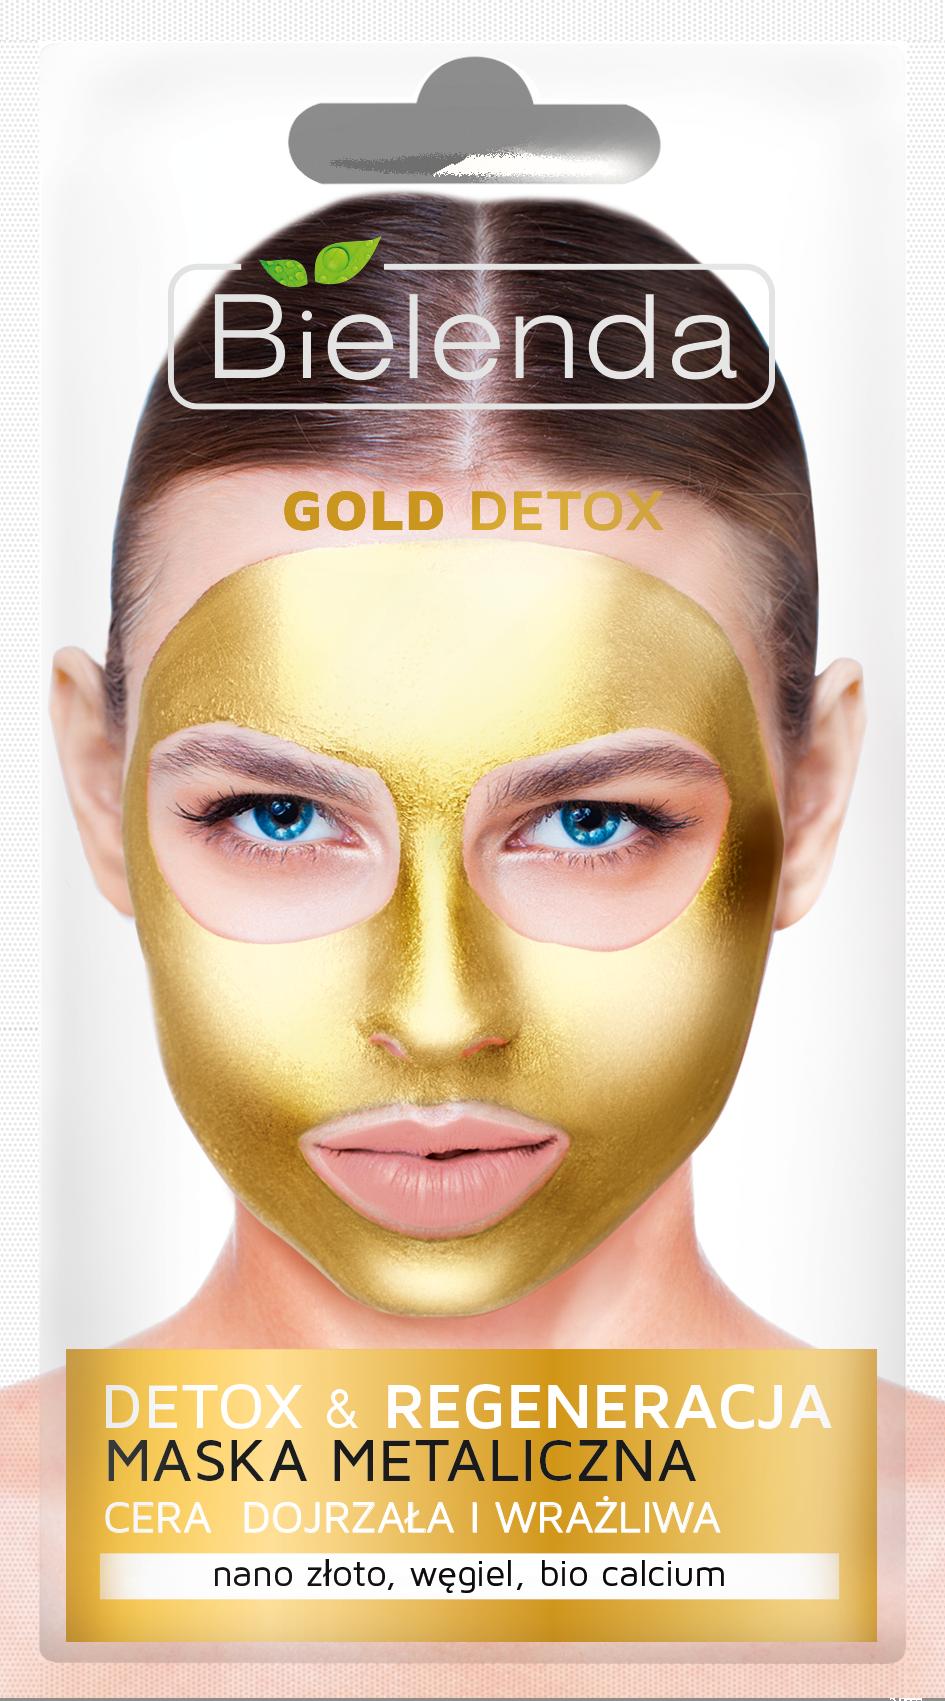 GOLD DETOX Маска с содержанием металлов для зрелой и чувствительной кожи, 8 г